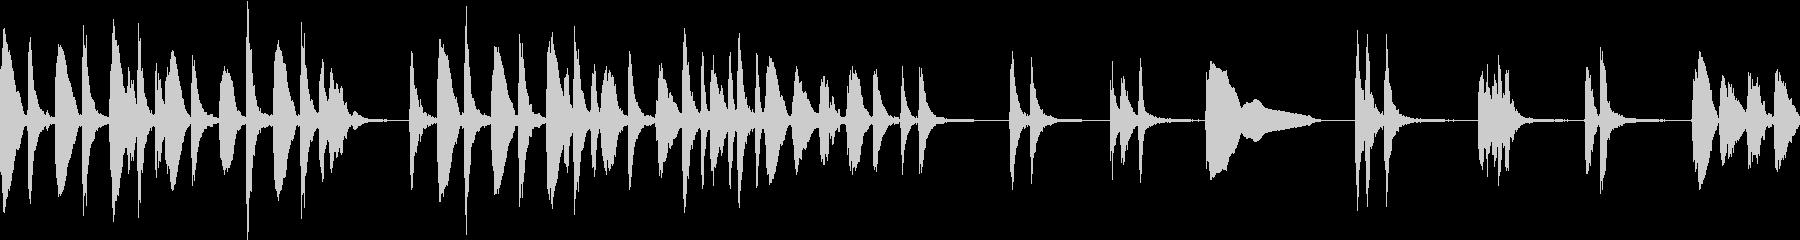 音数少なめ、可愛いアコースティックBGMの未再生の波形